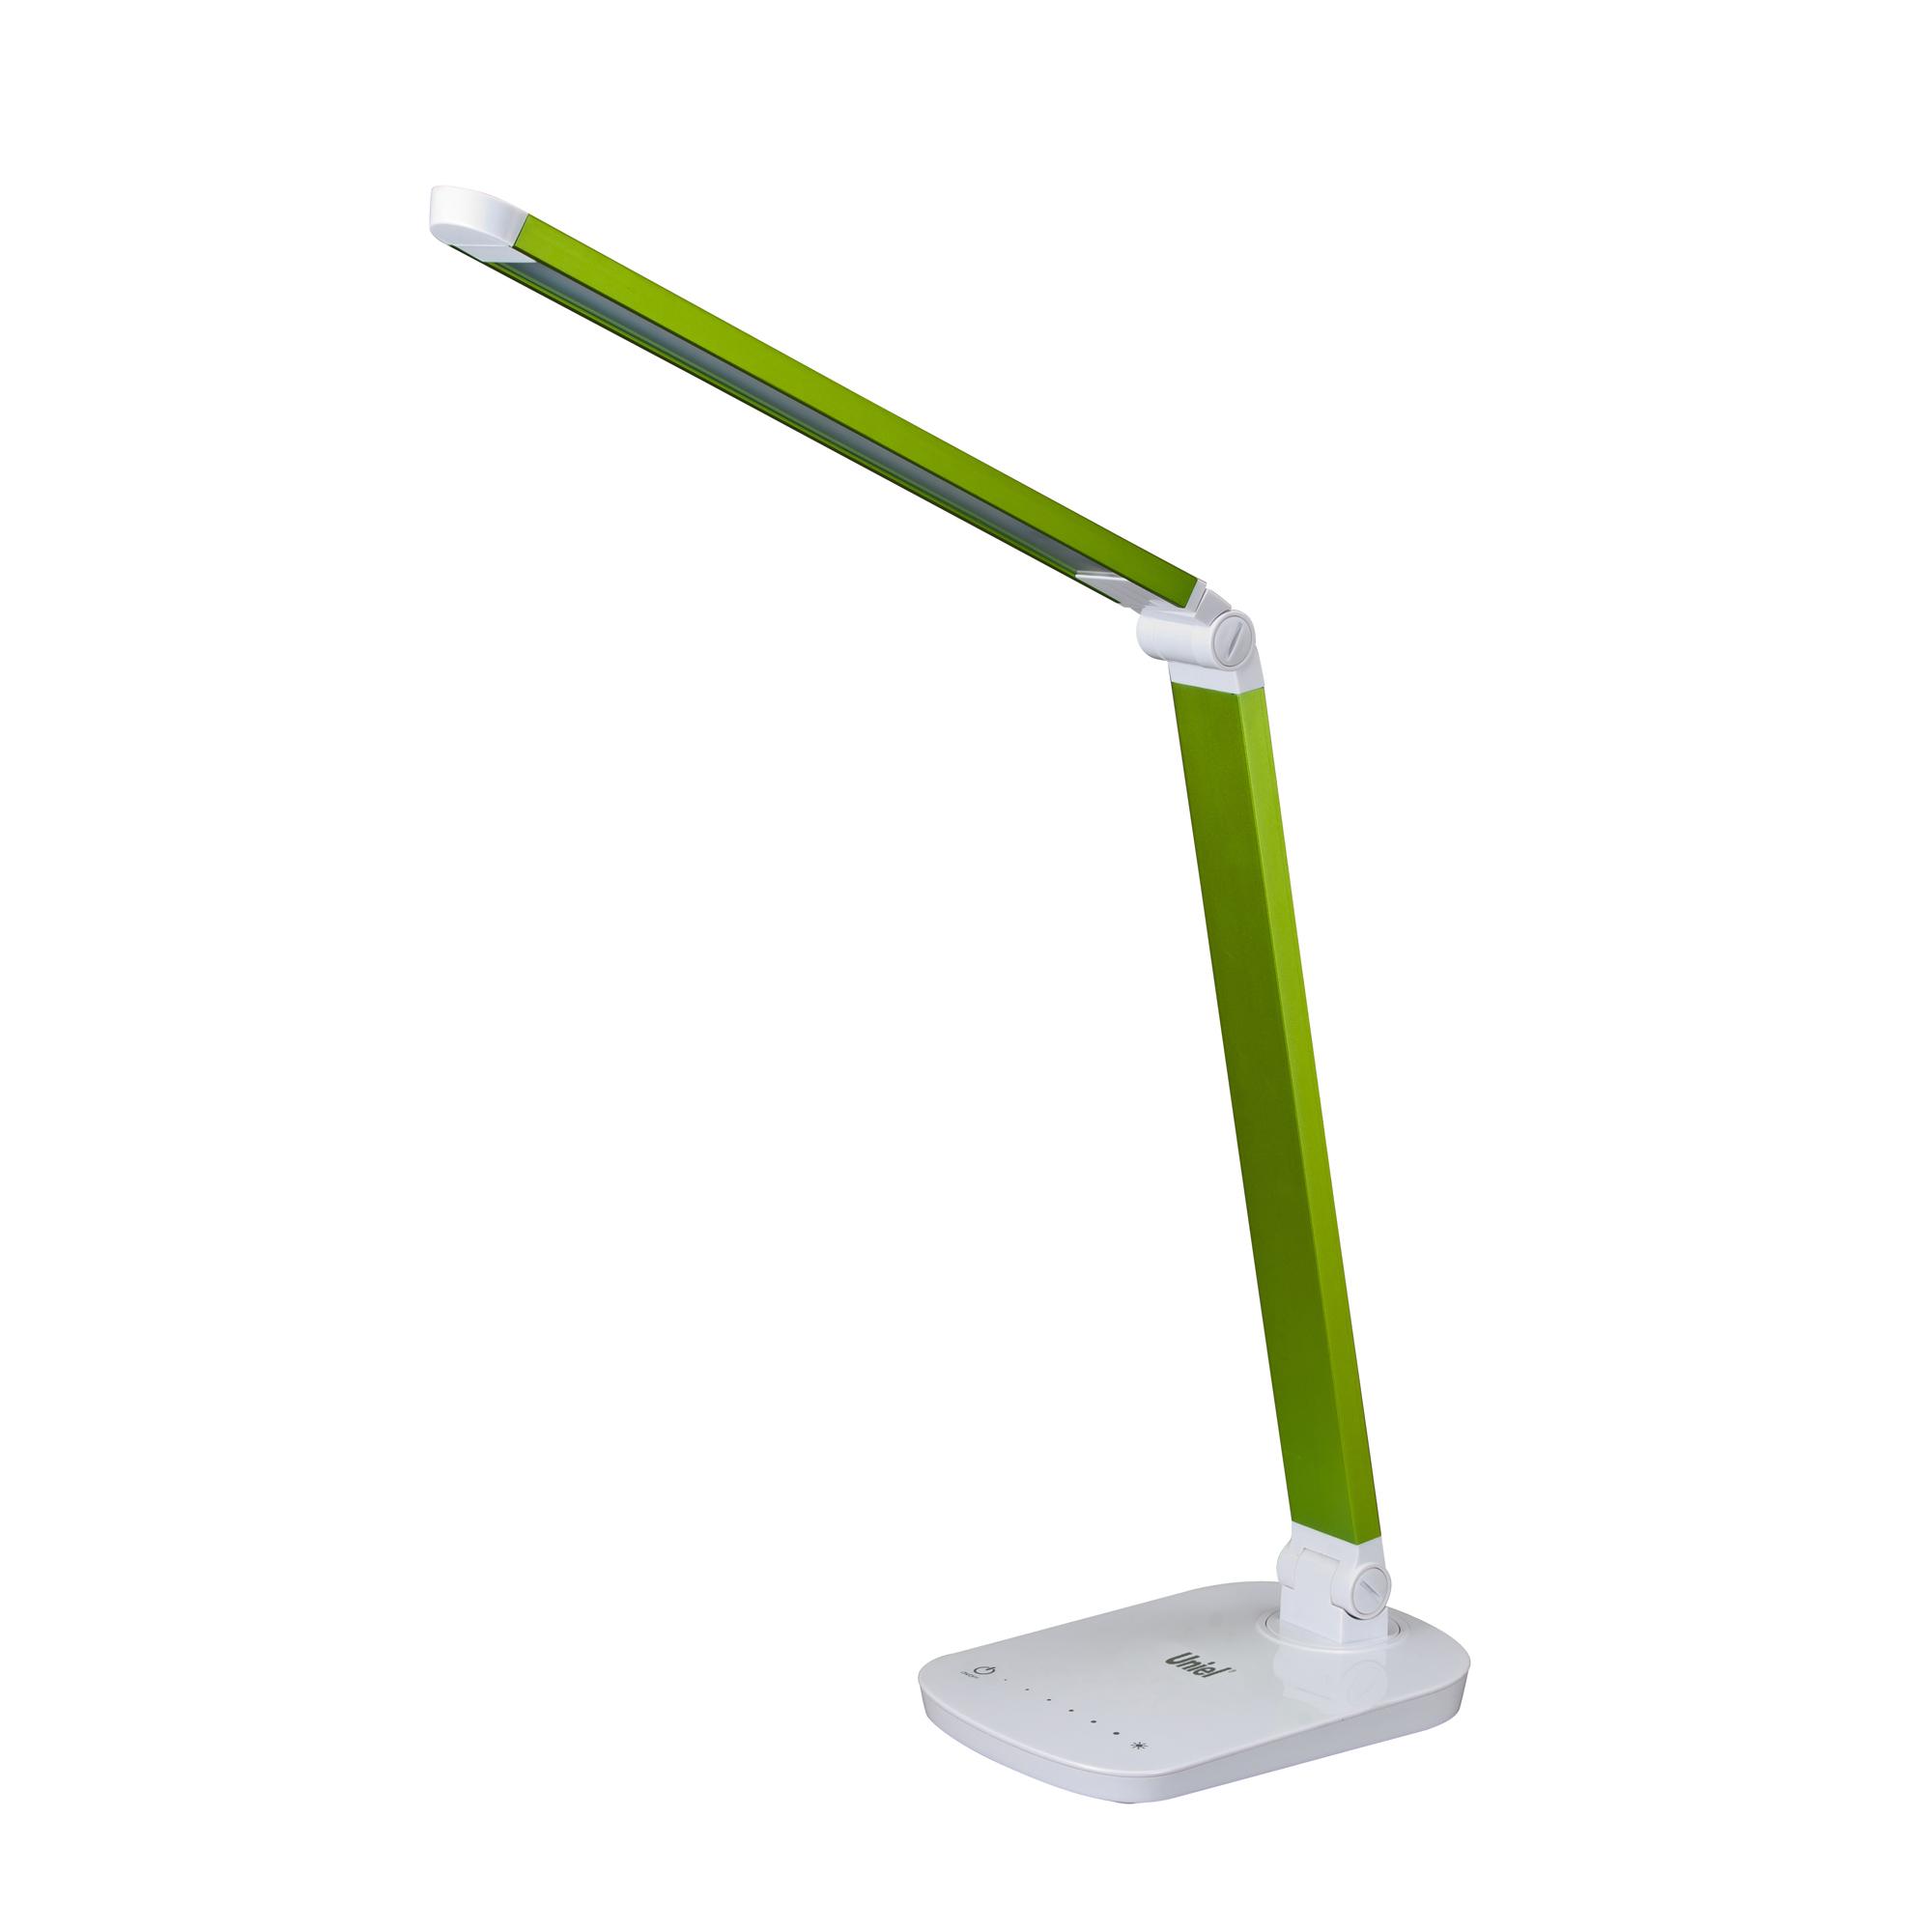 Лампа настольная Uniel Tld-521 green/led/800lm/5000k/dimmer